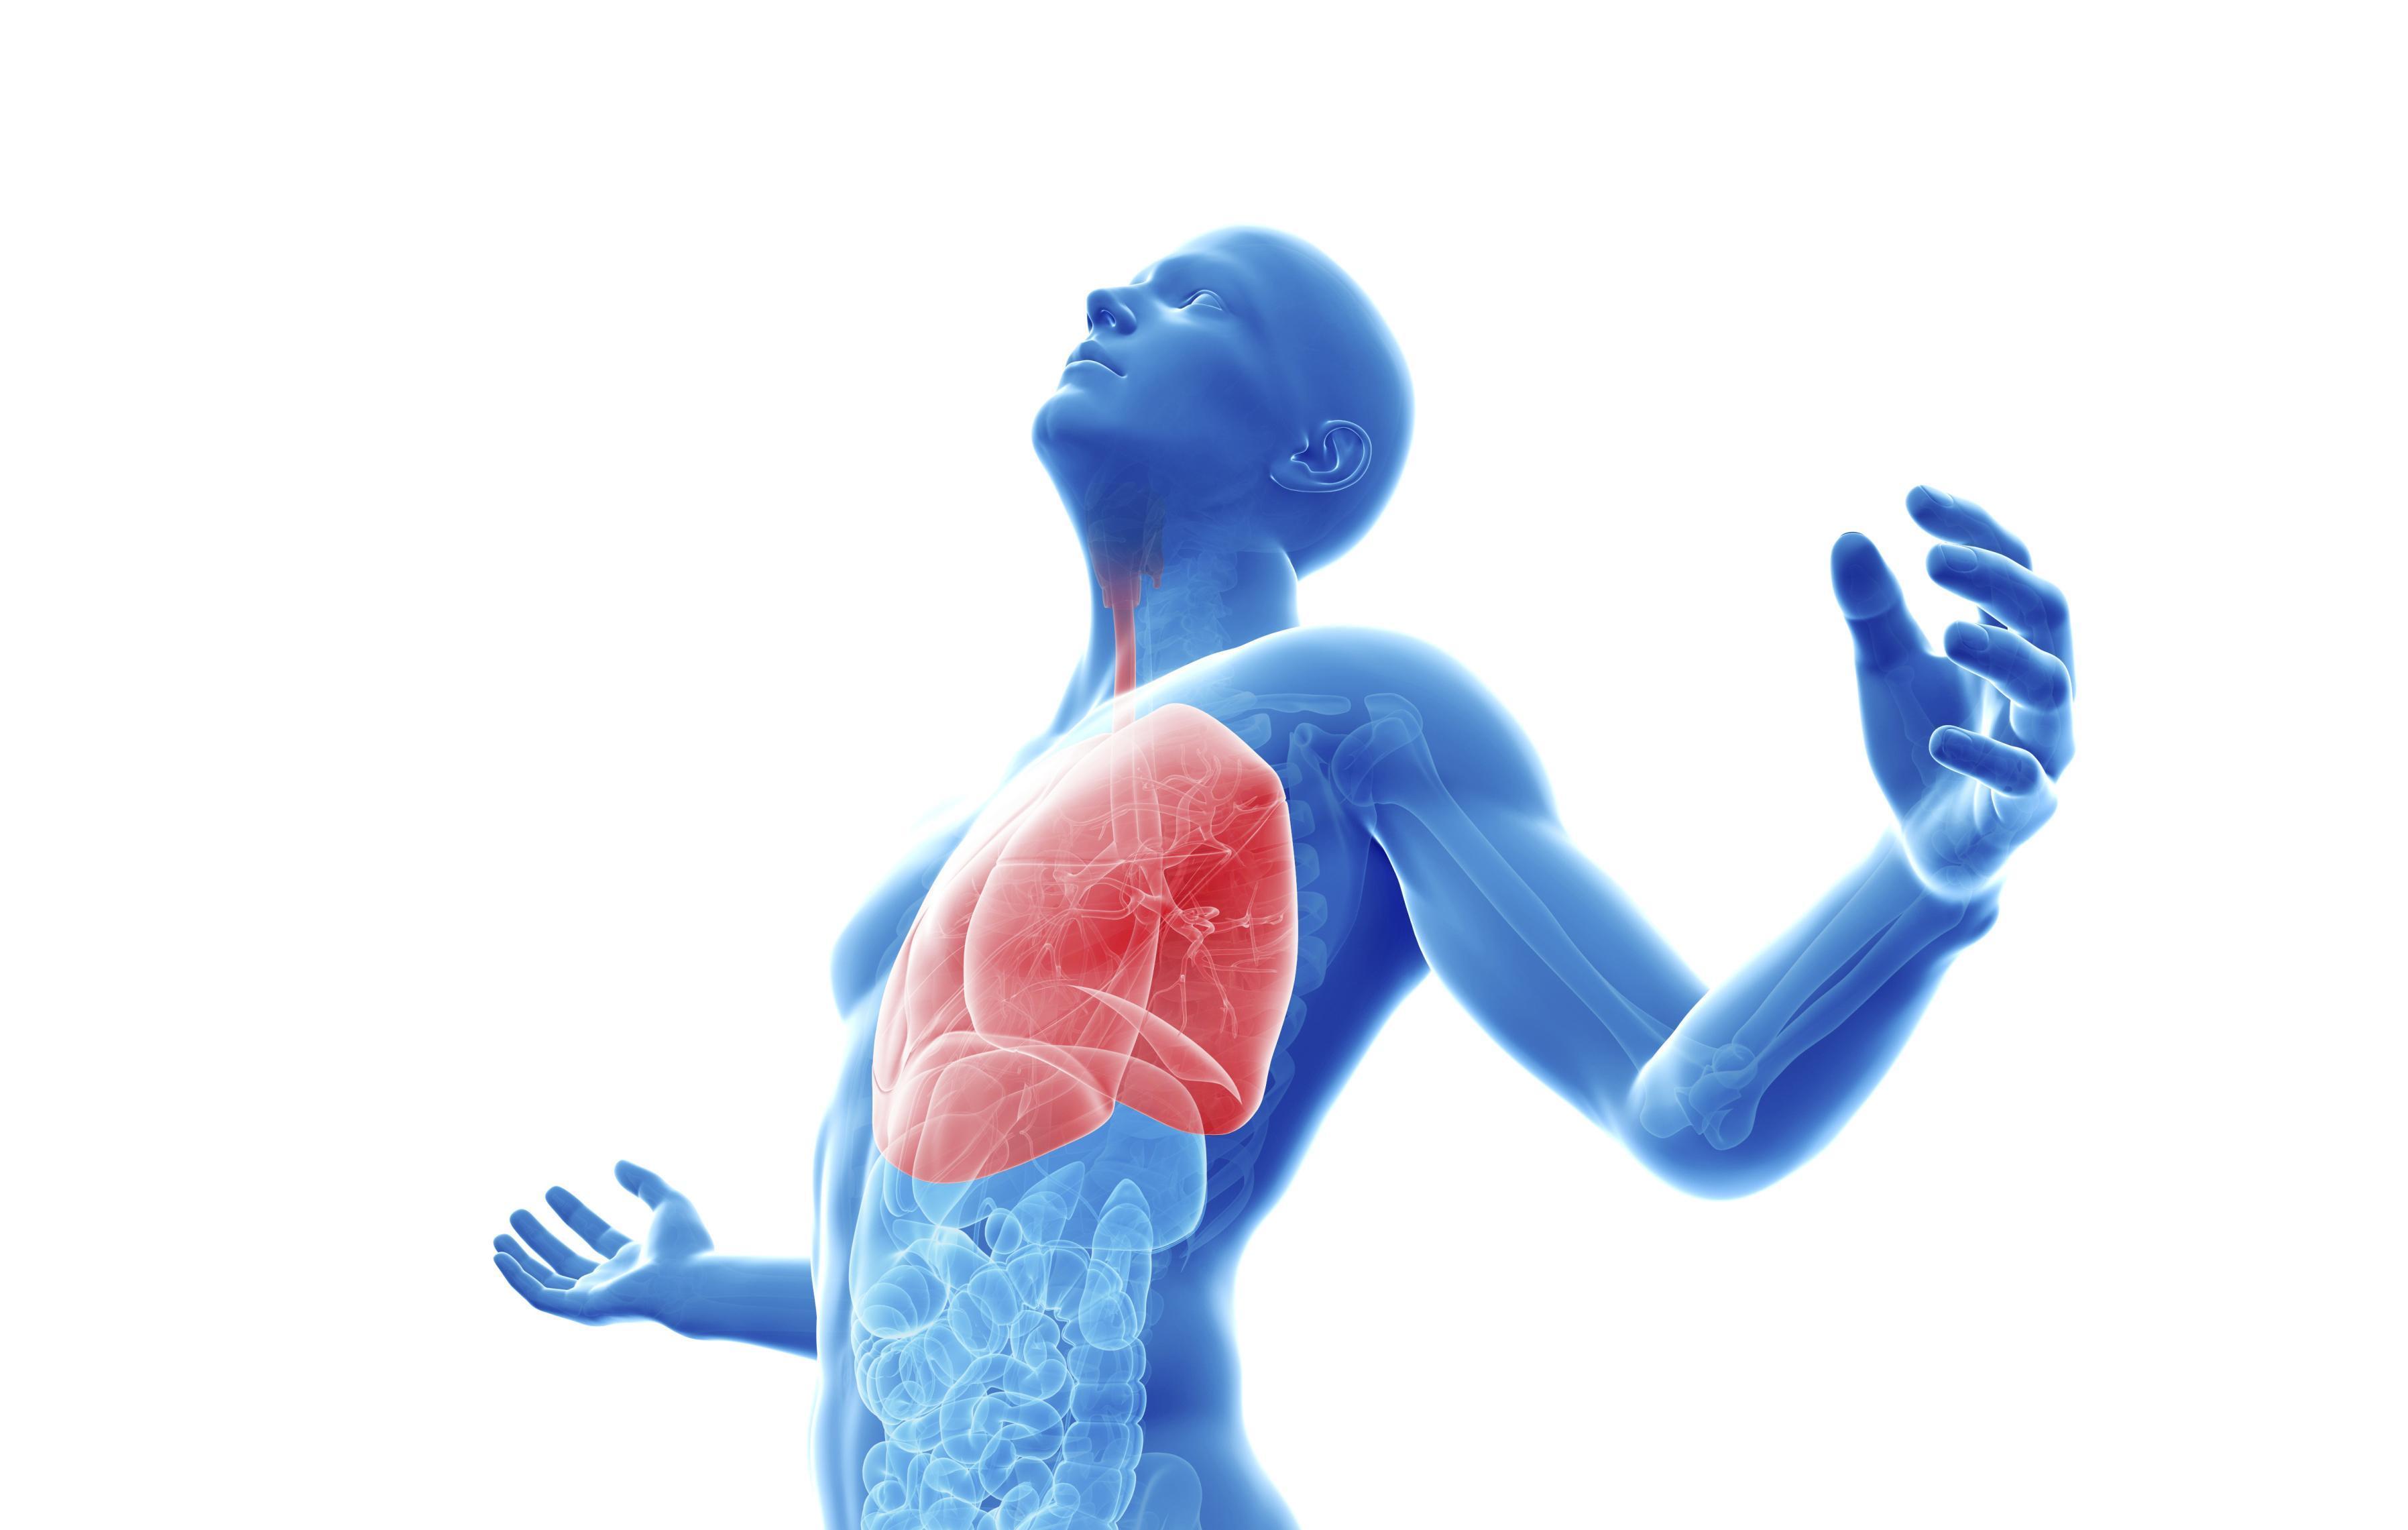 10 Dicas Para uma Vida Melhor com Doença Pulmonar Obstrutiva Crônica (DPOC)